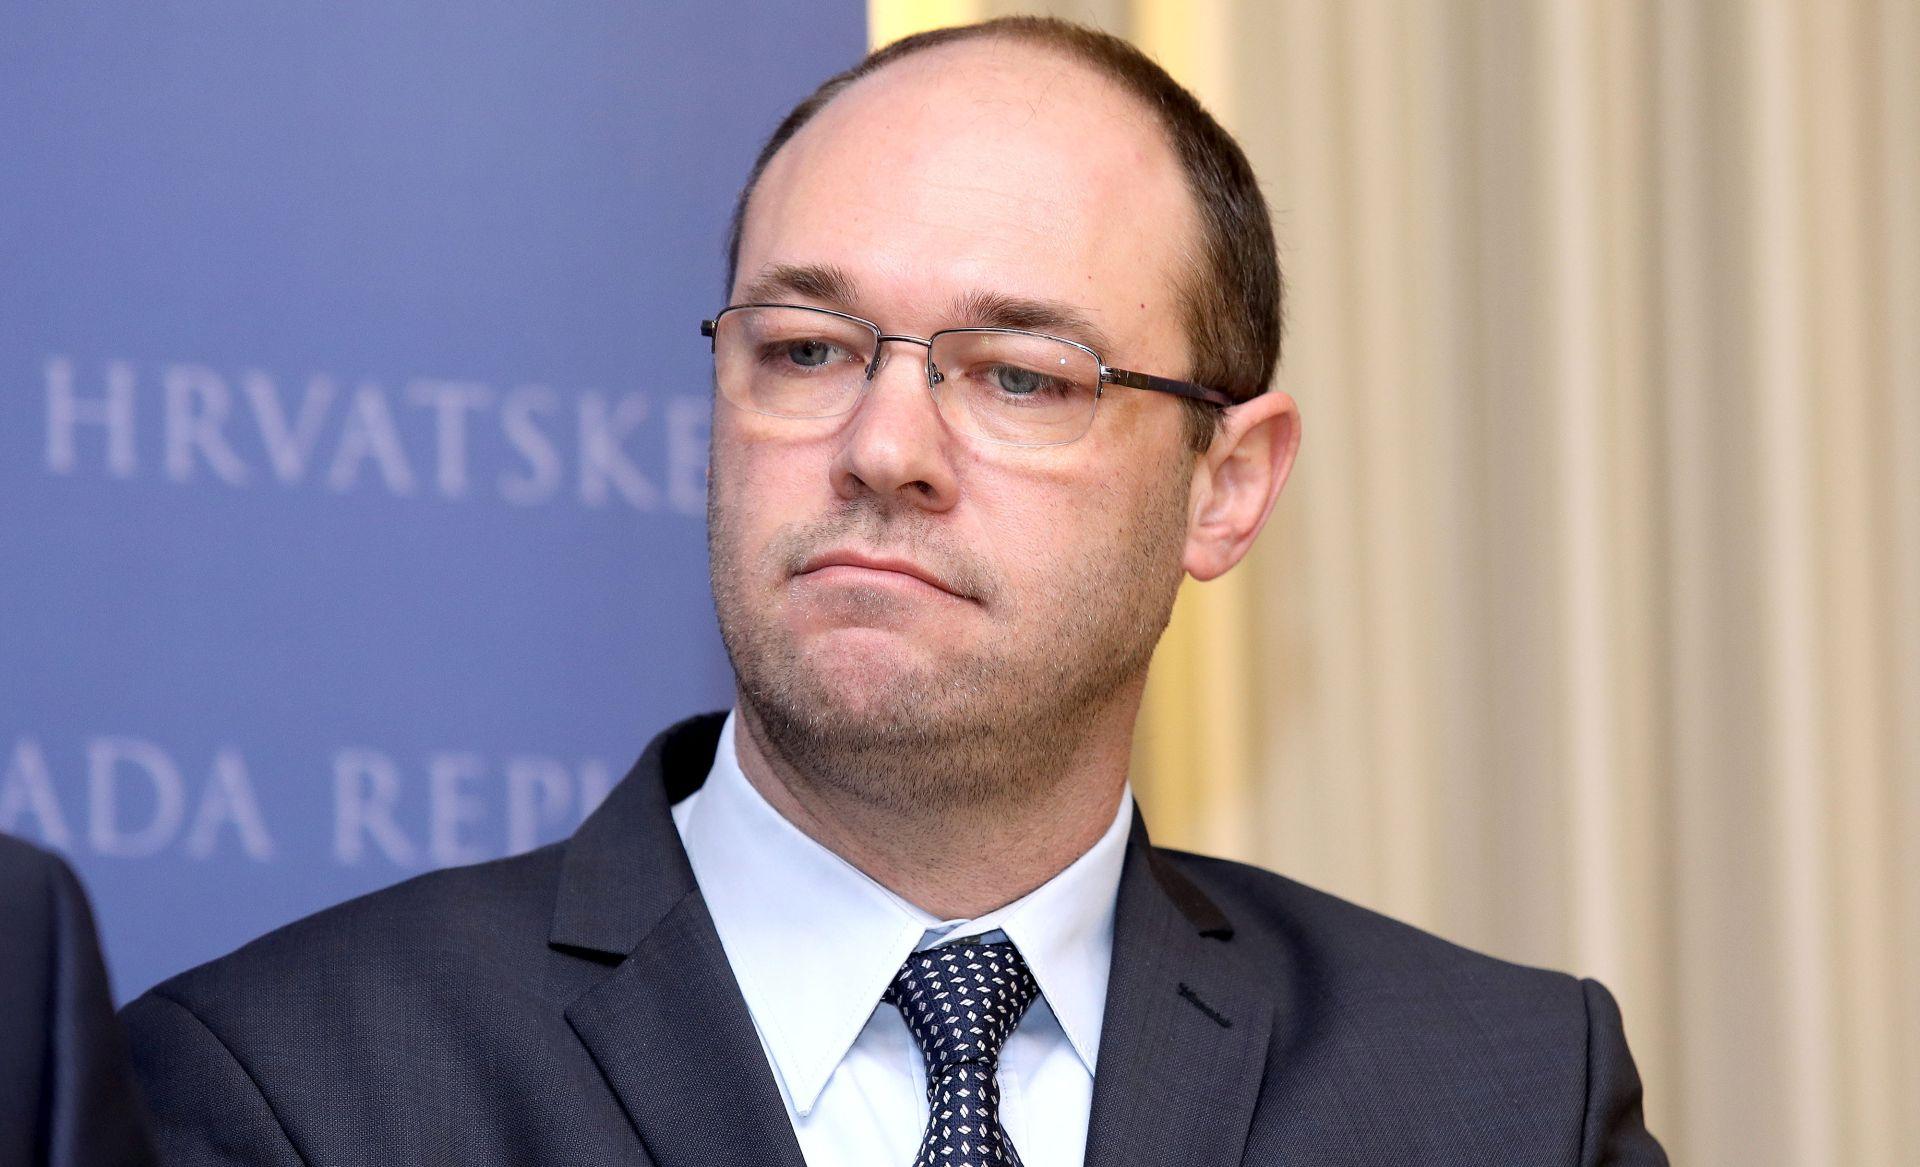 STIER 'S Dačićem dijalog nije ostvariv; o odnosima razgovaraju premijeri'